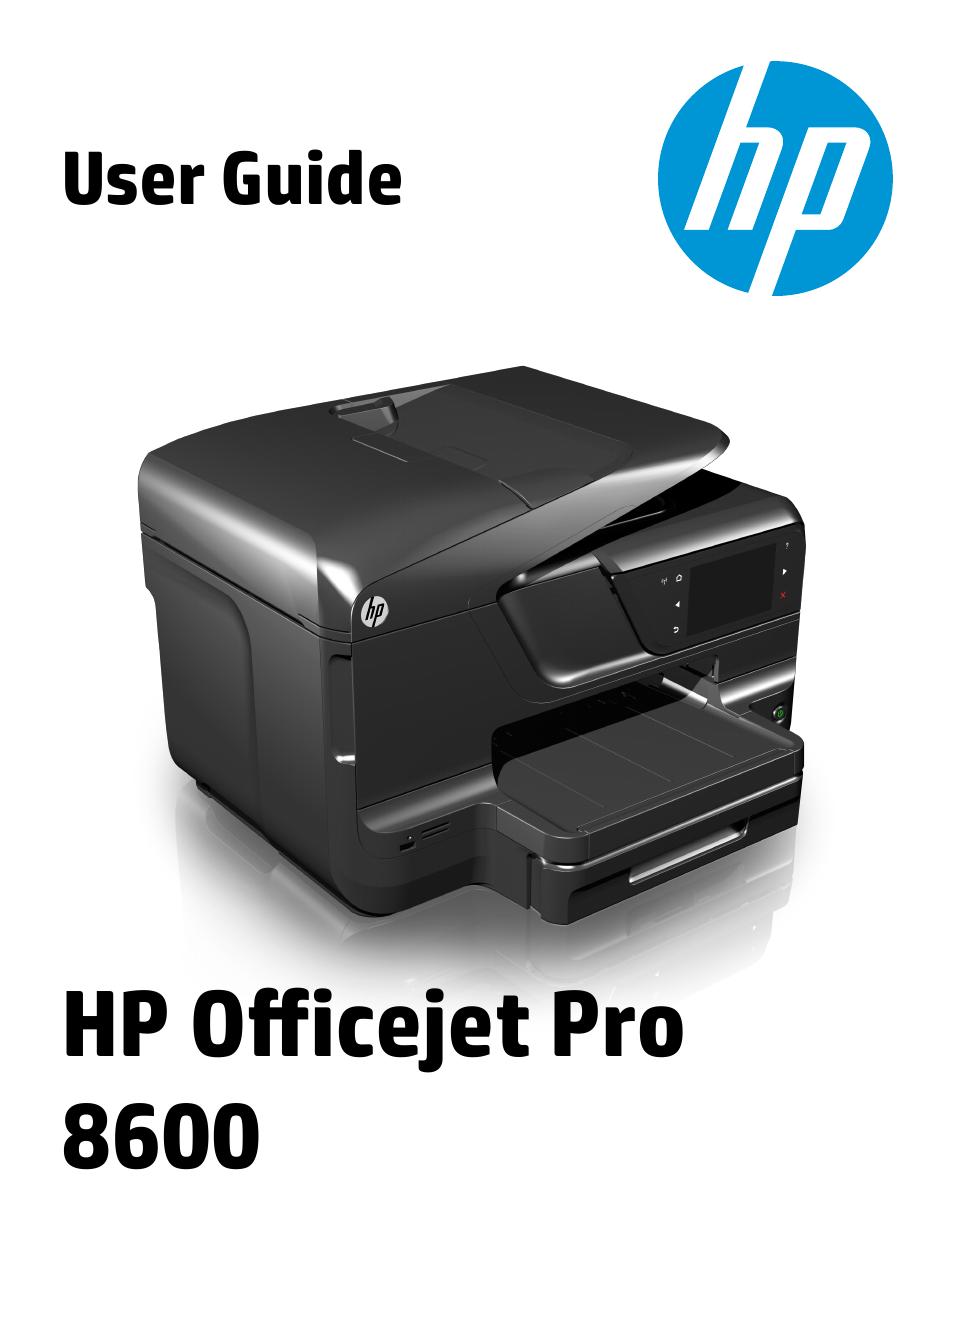 Hp 8600 Officejet Pro For Mac